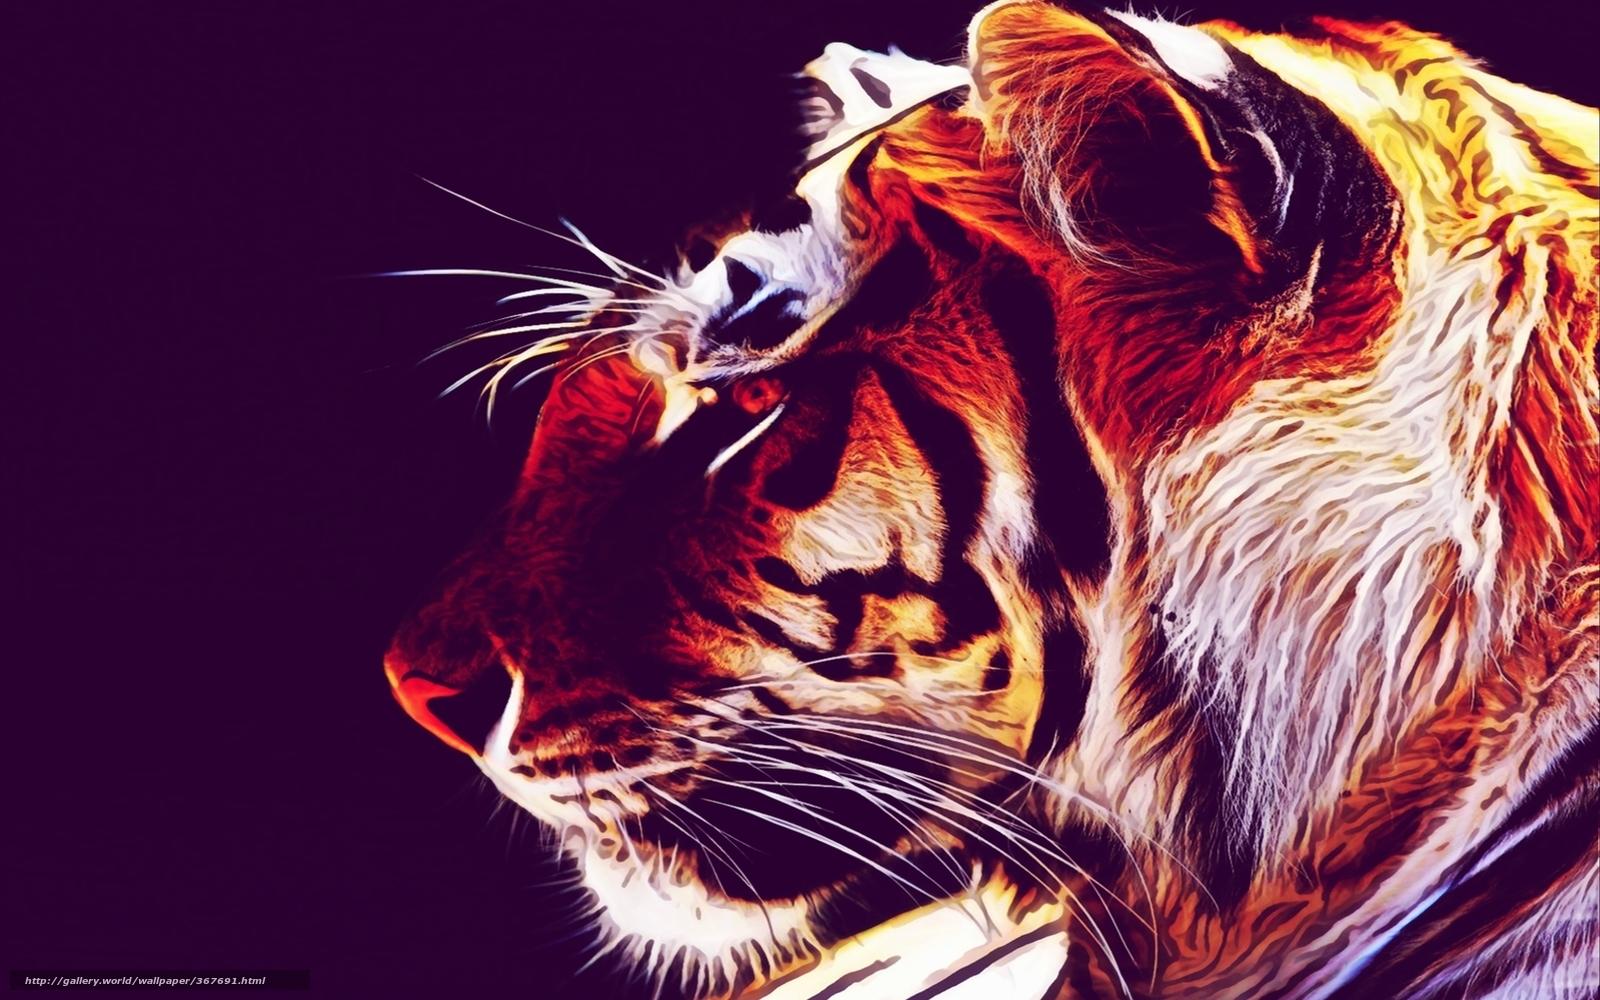 tlcharger fond d 39 ecran tigre papier peint fond style fonds d 39 ecran gratuits pour votre. Black Bedroom Furniture Sets. Home Design Ideas